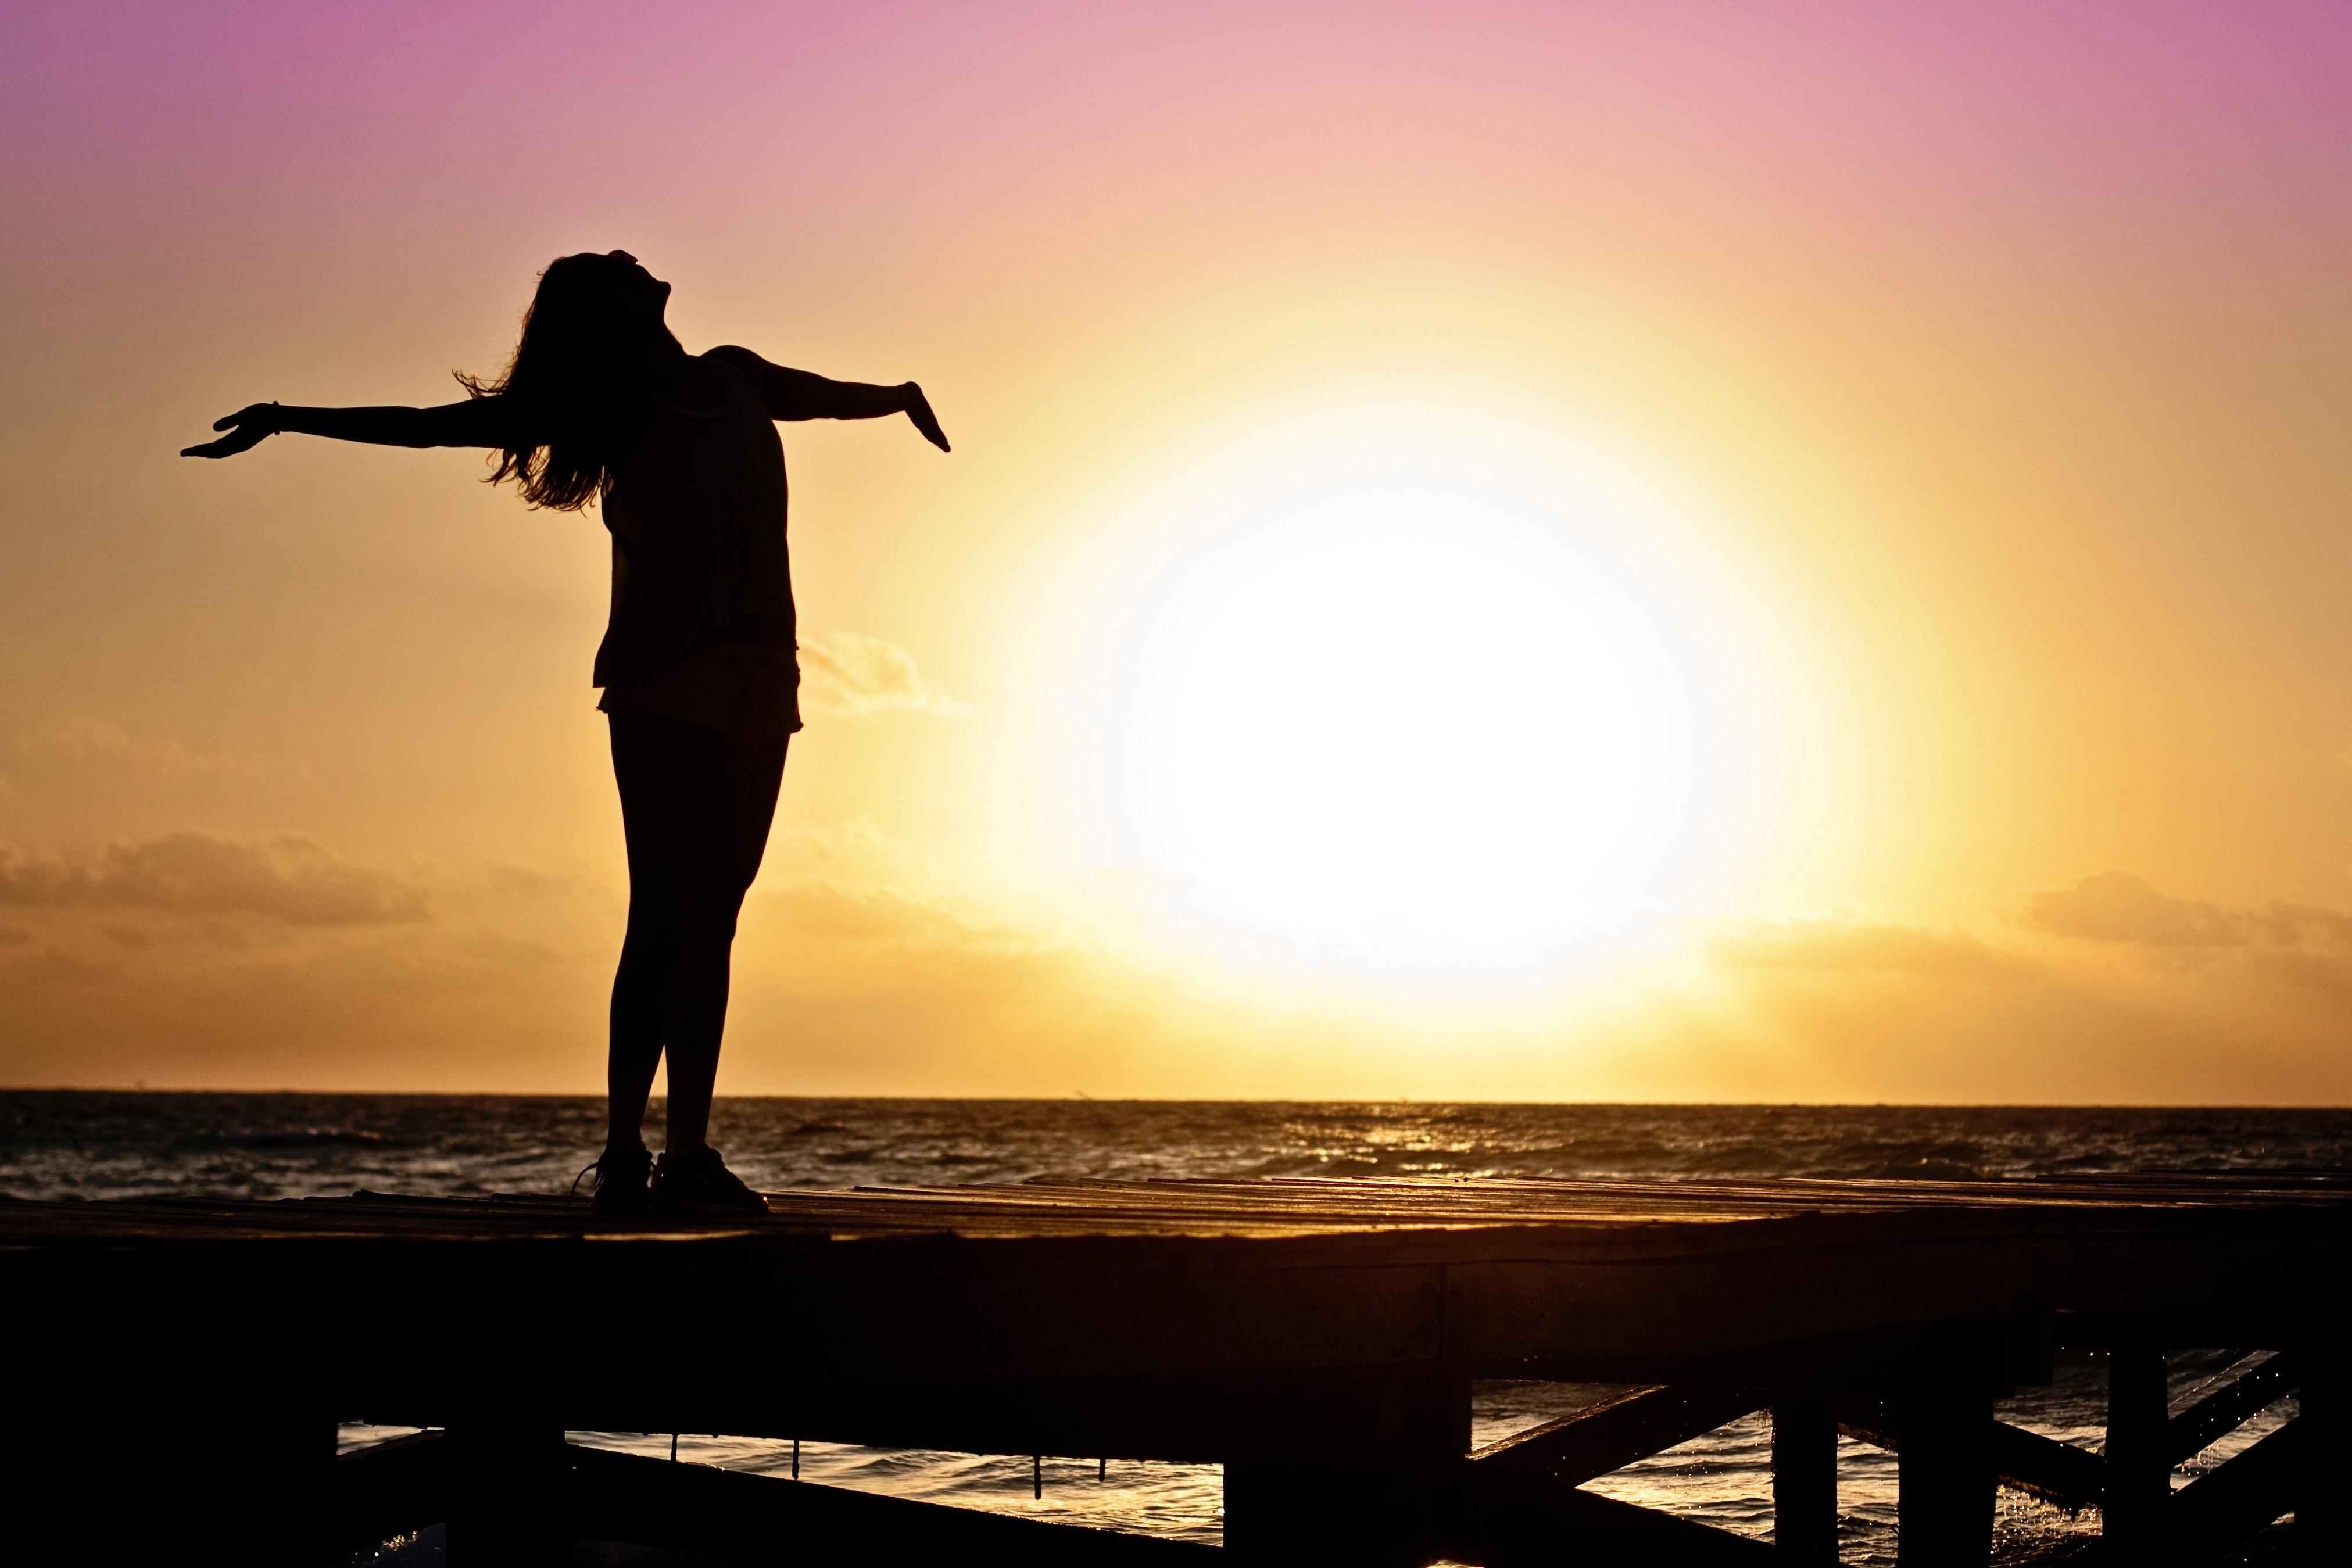 الإندروفين..هرمون الراحة والسعادة، متى تفرزه أجسامنا؟